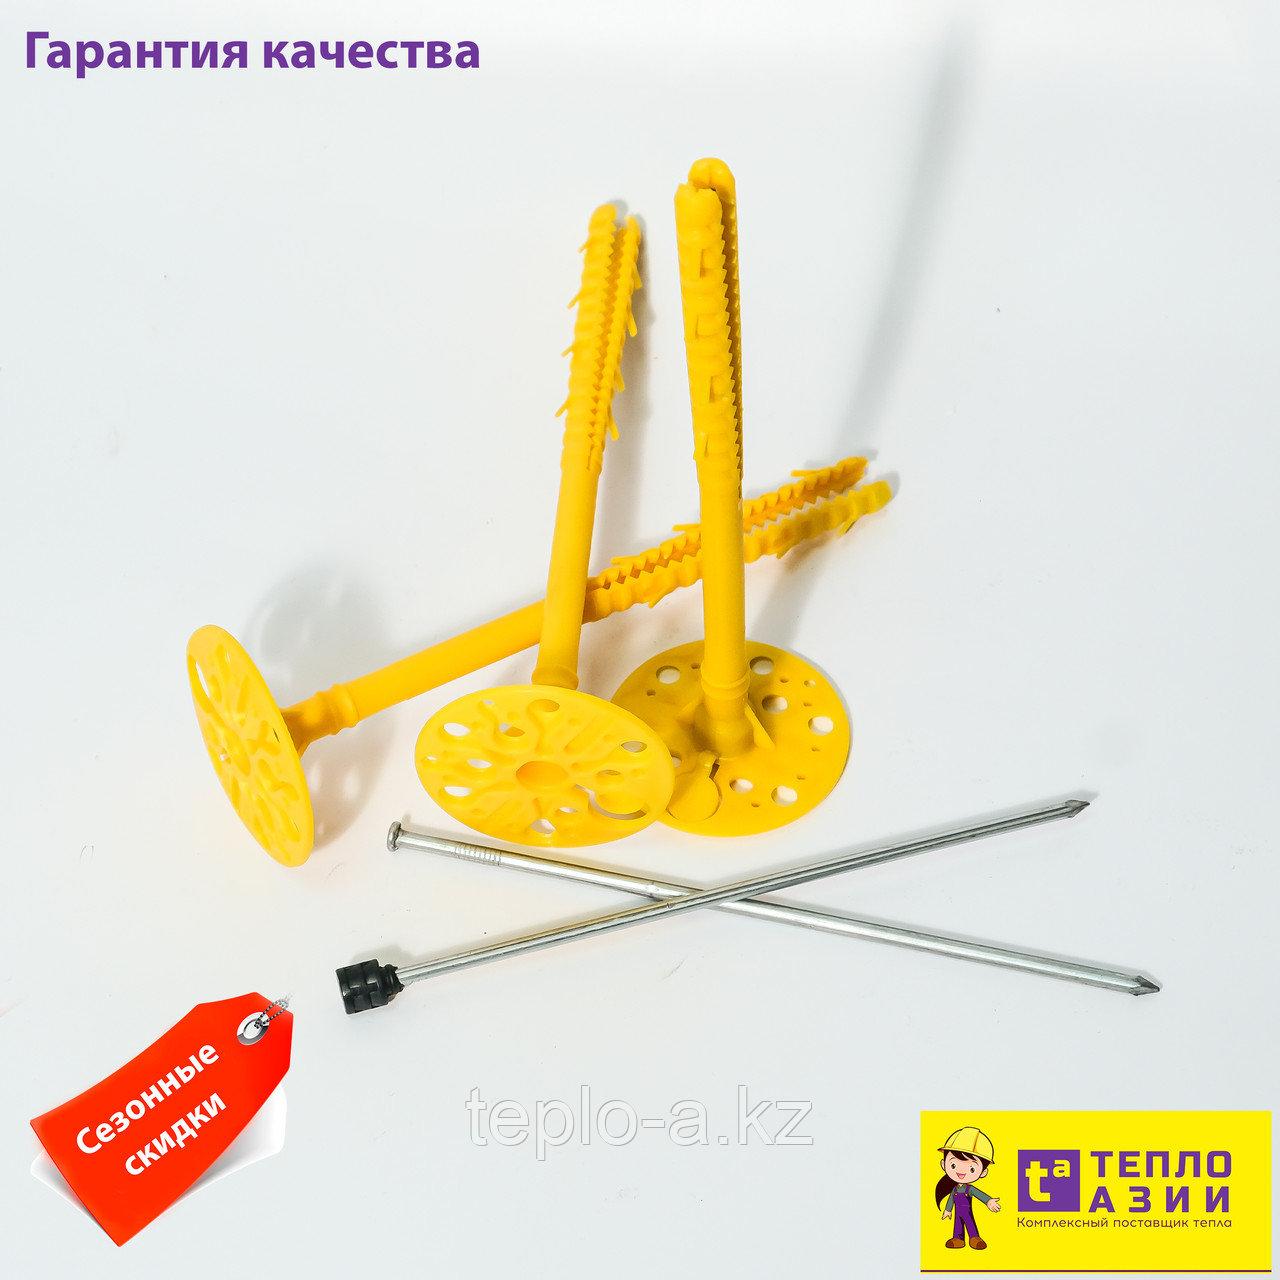 Дюбель-зонт для теплоизоляции  с металлическим стержнем и термоголовкой